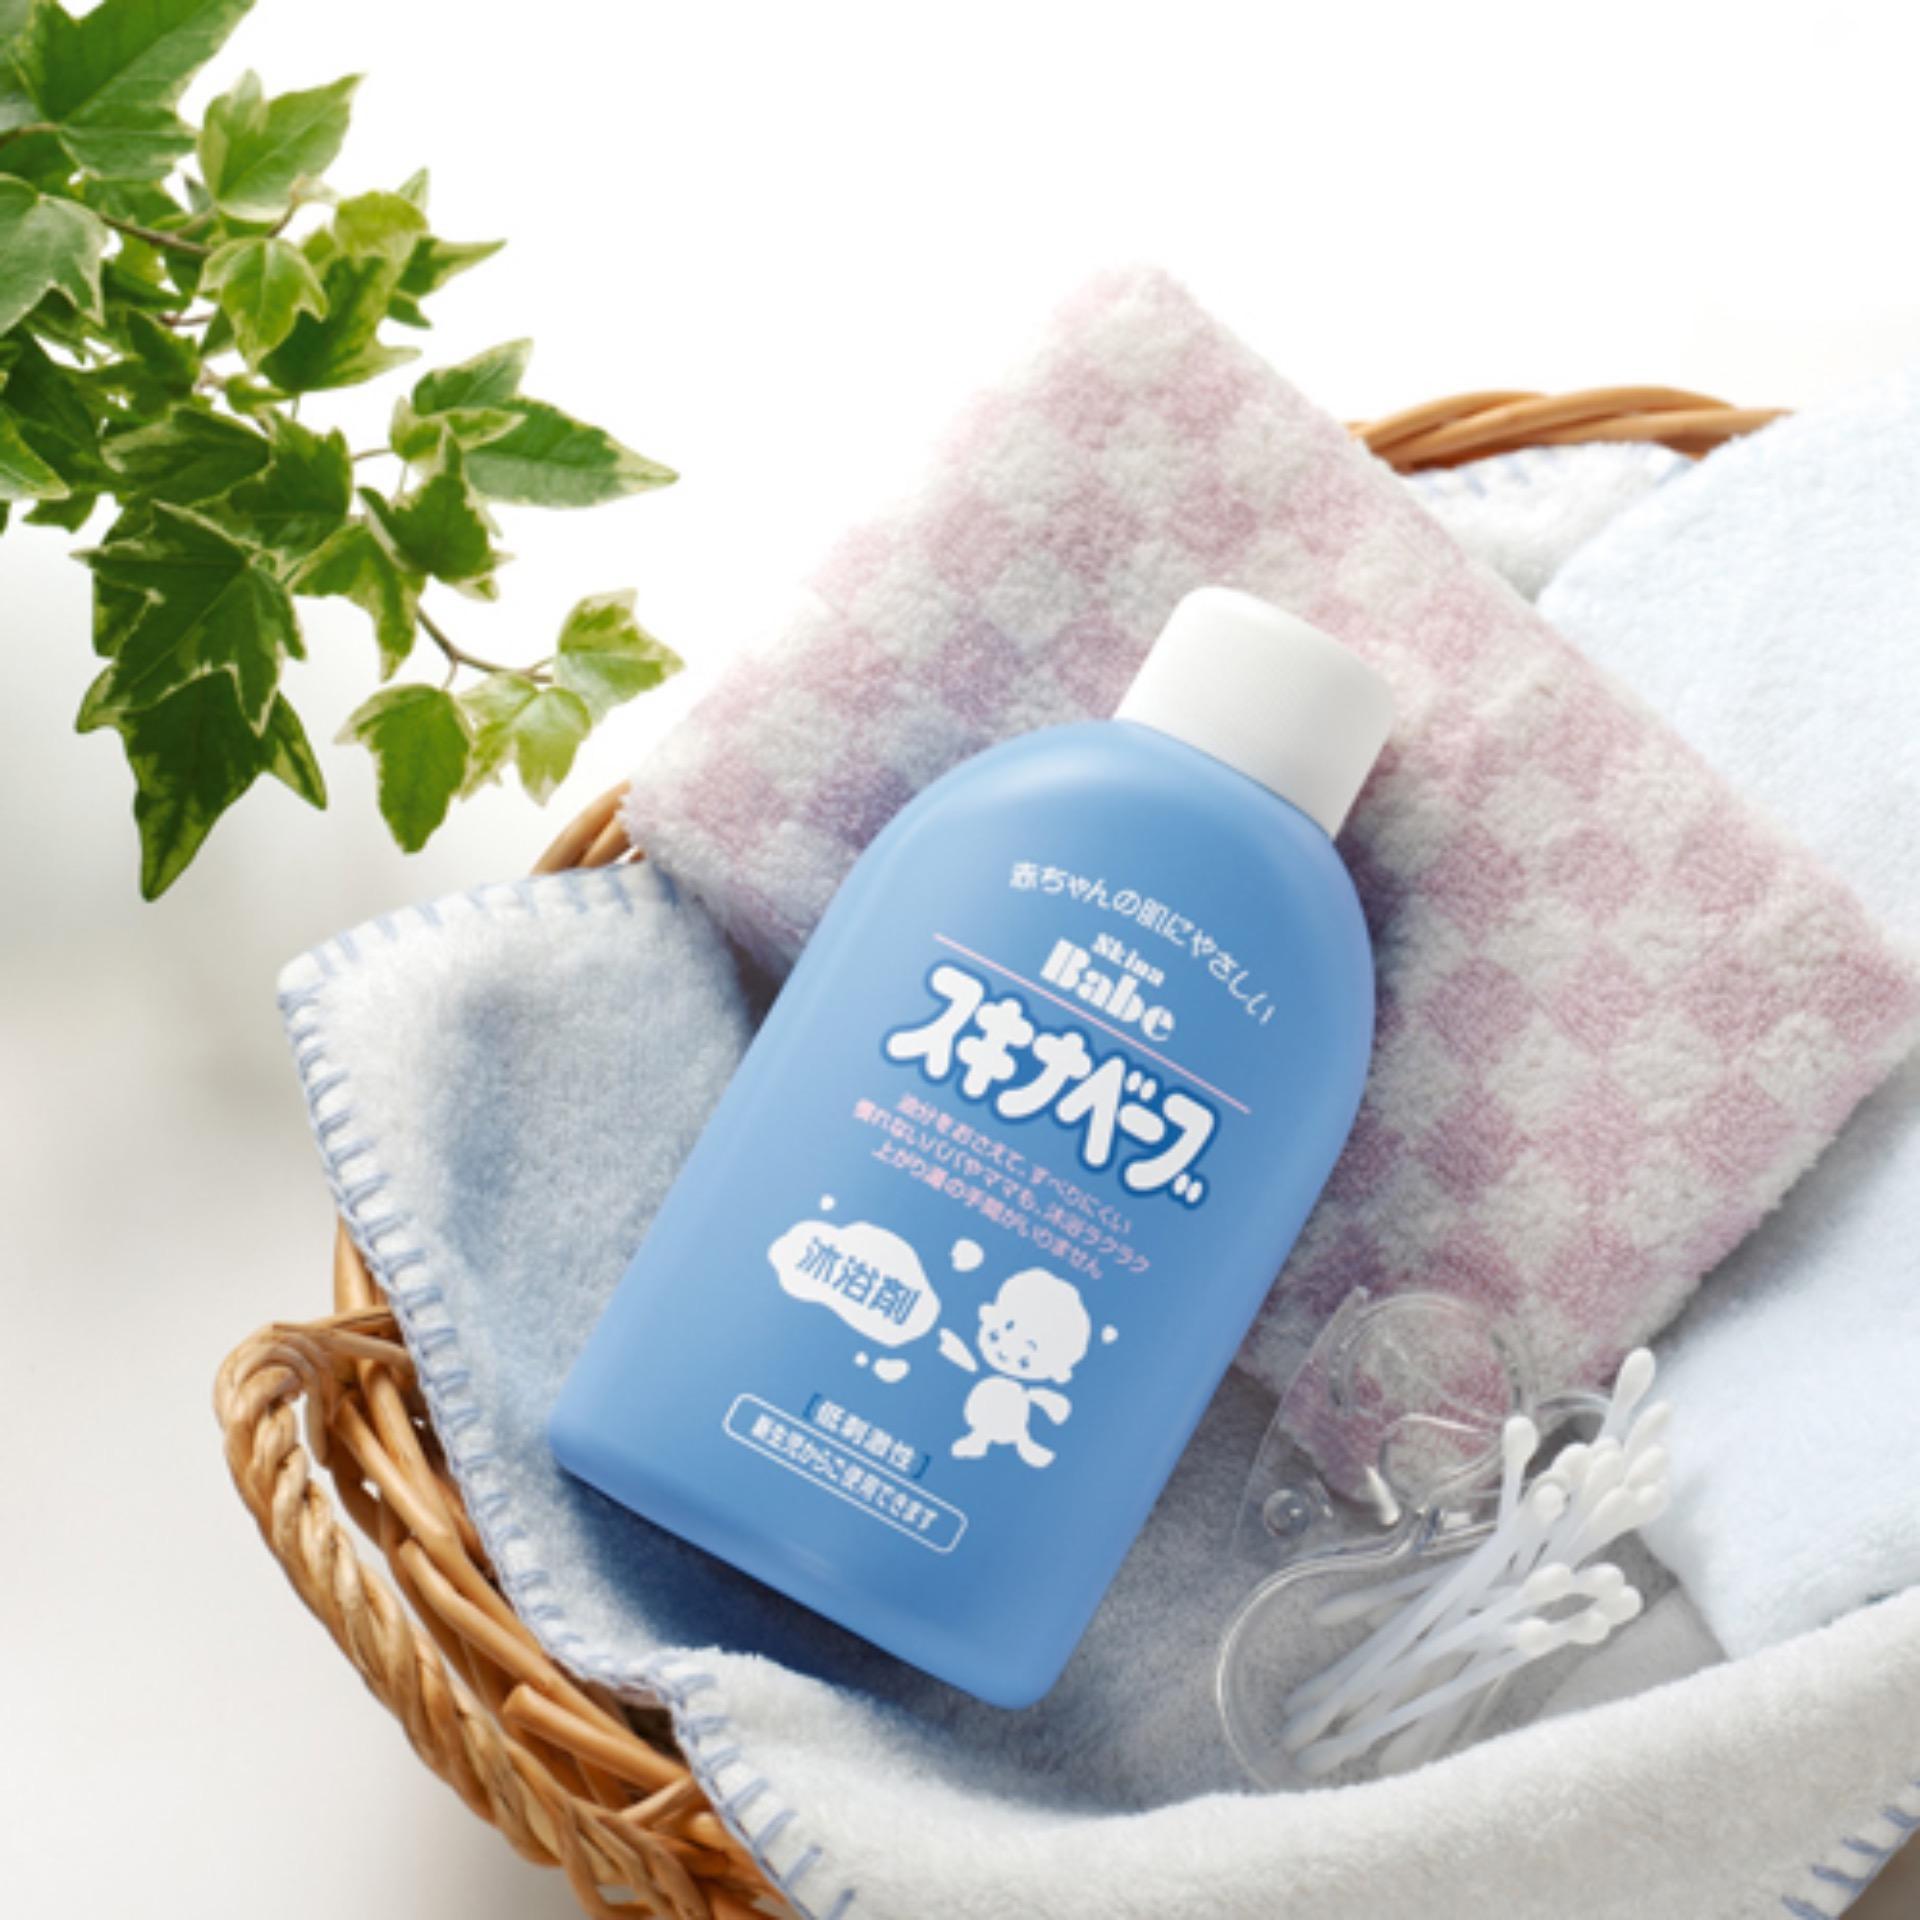 Sữa tắm chống rôm sảy Mochida Japan cho bé sơ sinh 500ml